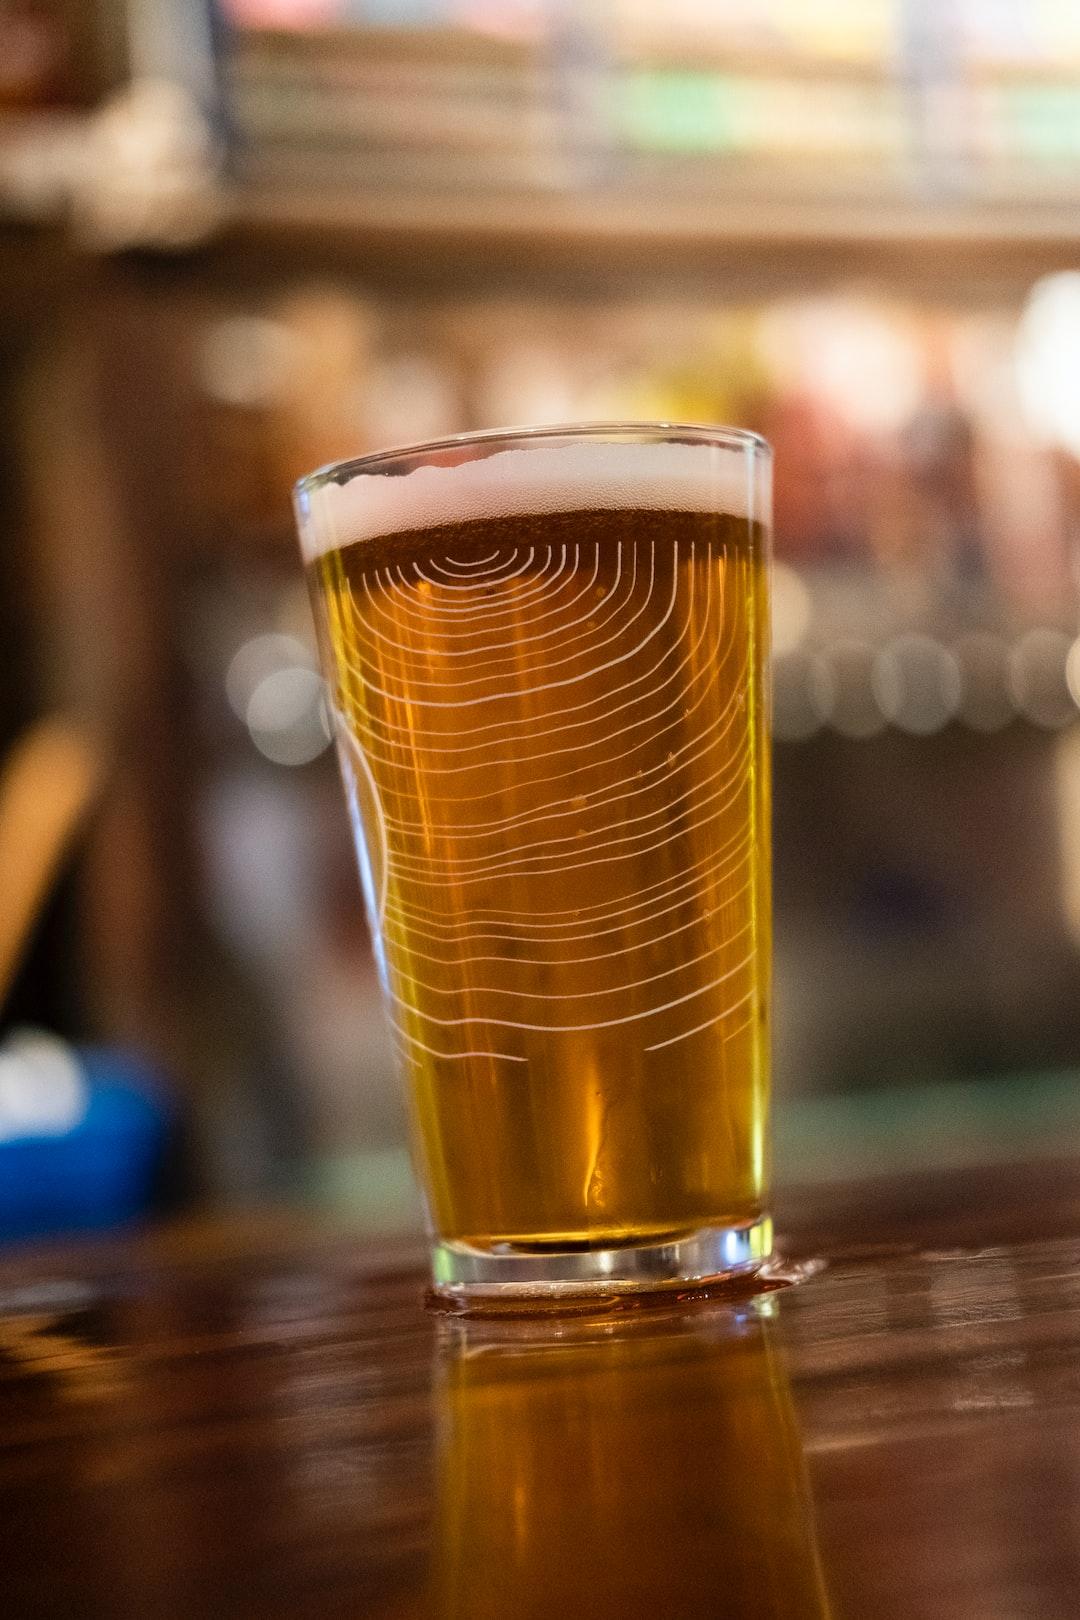 Just a good beer at the bar.